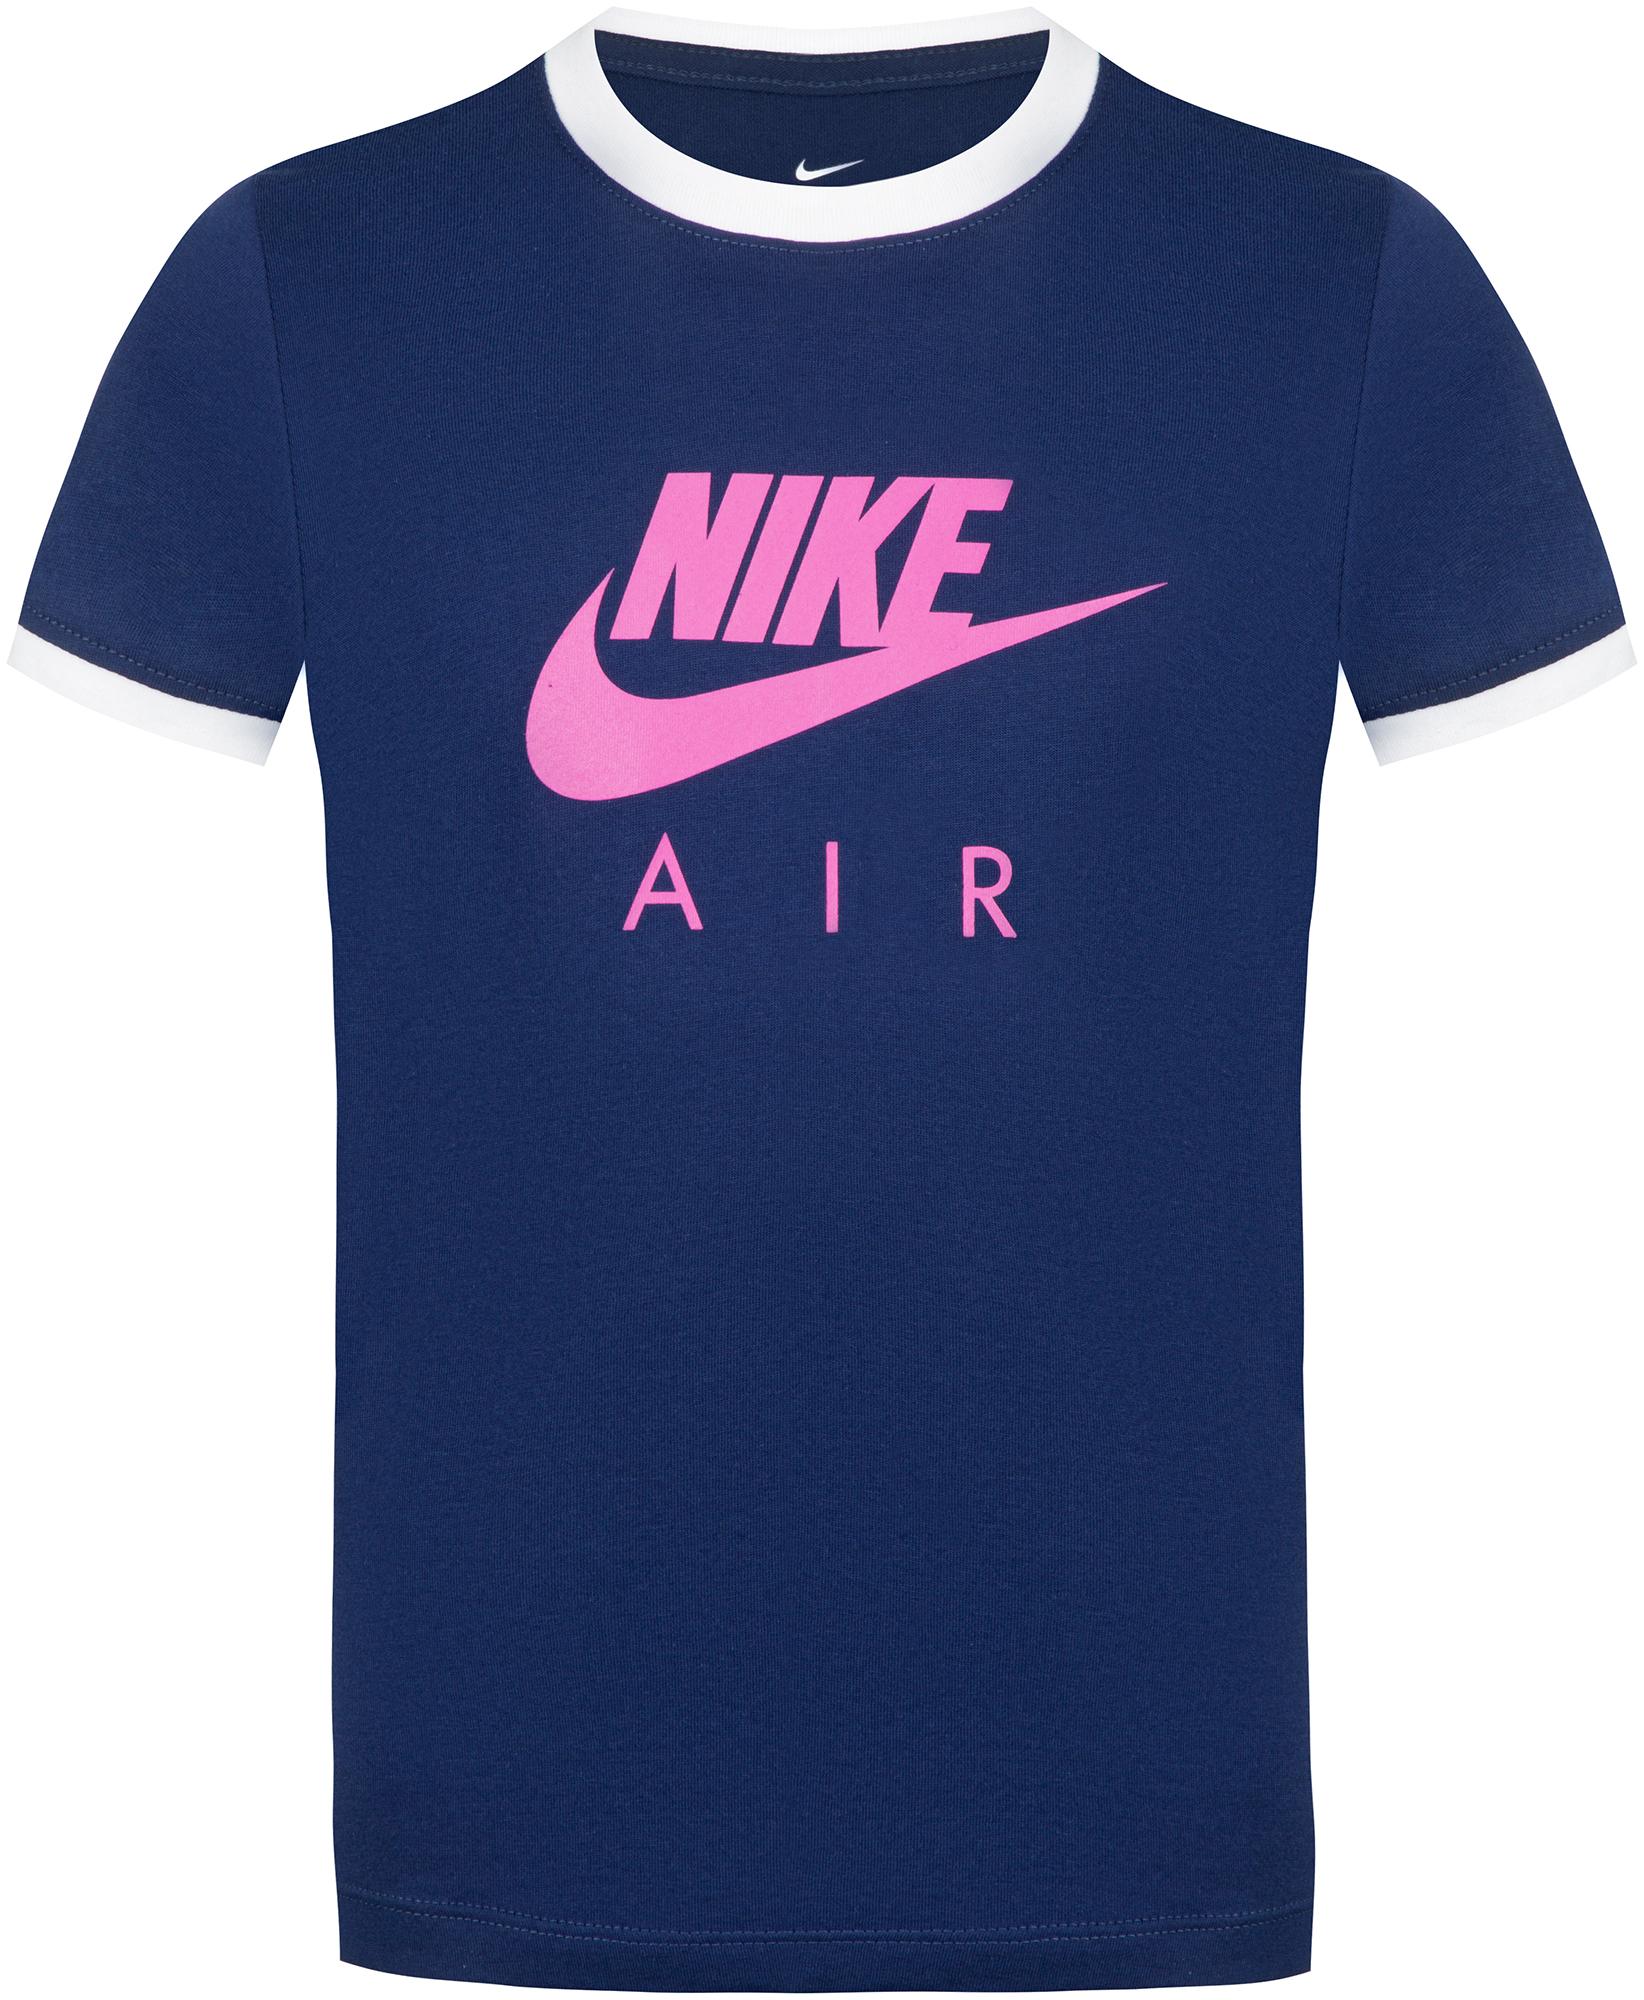 Nike Футболка для девочек Nike Air, размер 146-156